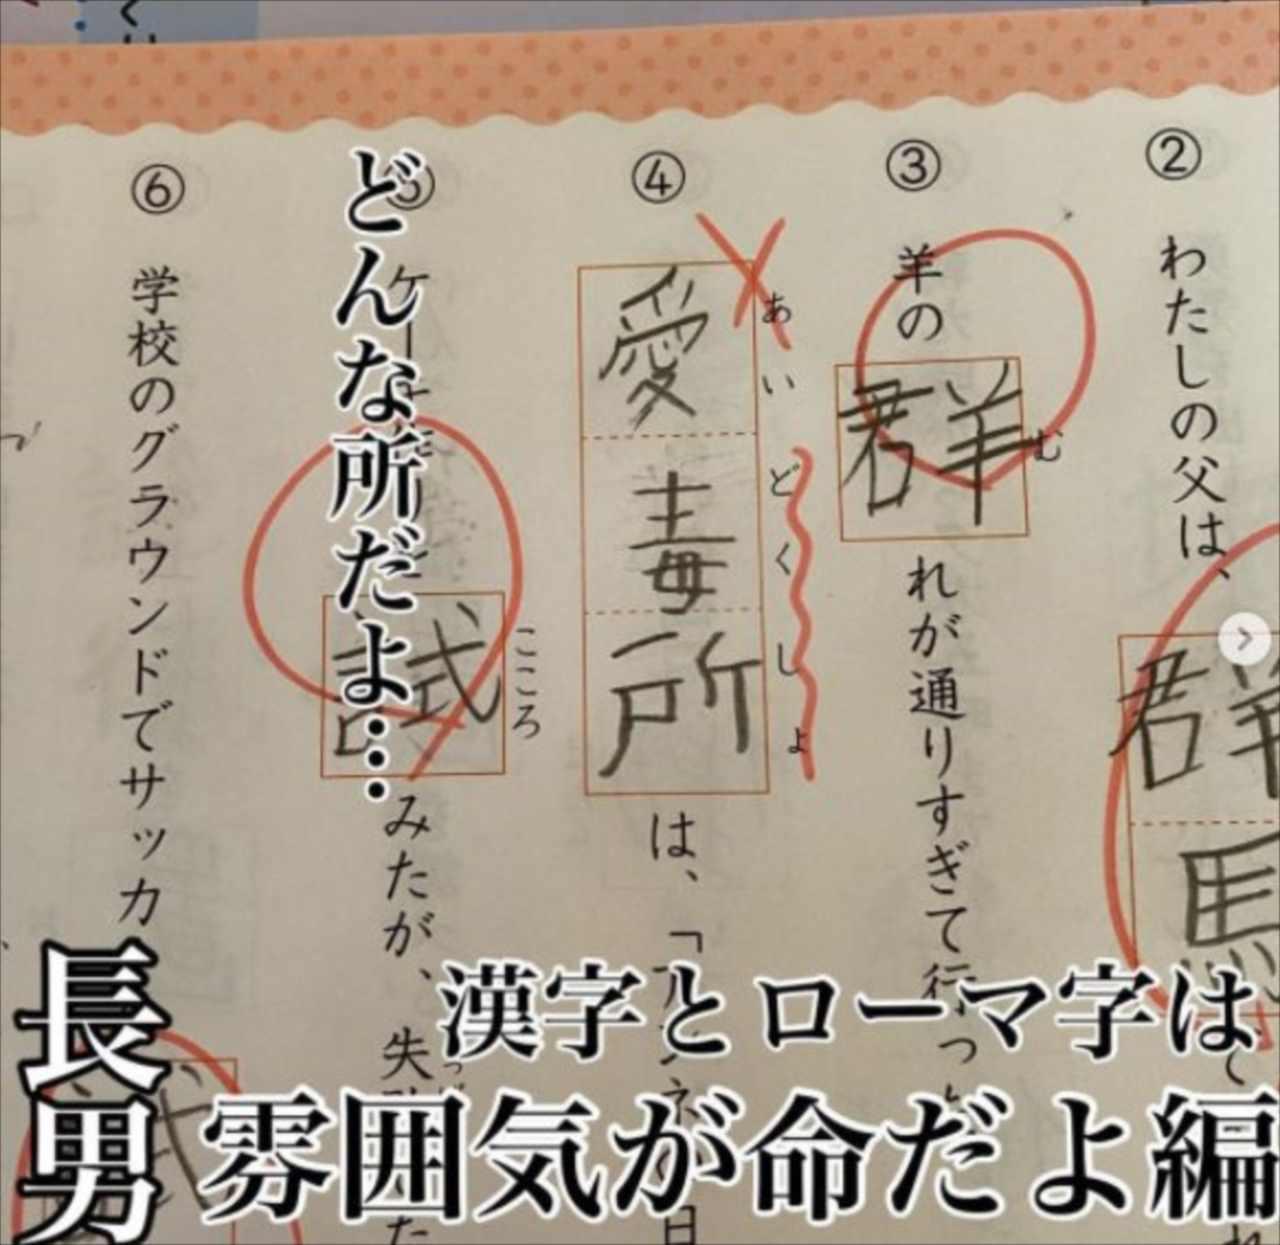 漢字とローマ字は雰囲気でいける!?長男のテストの解答が笑えるし、お母様のツッコミがツボにはまる